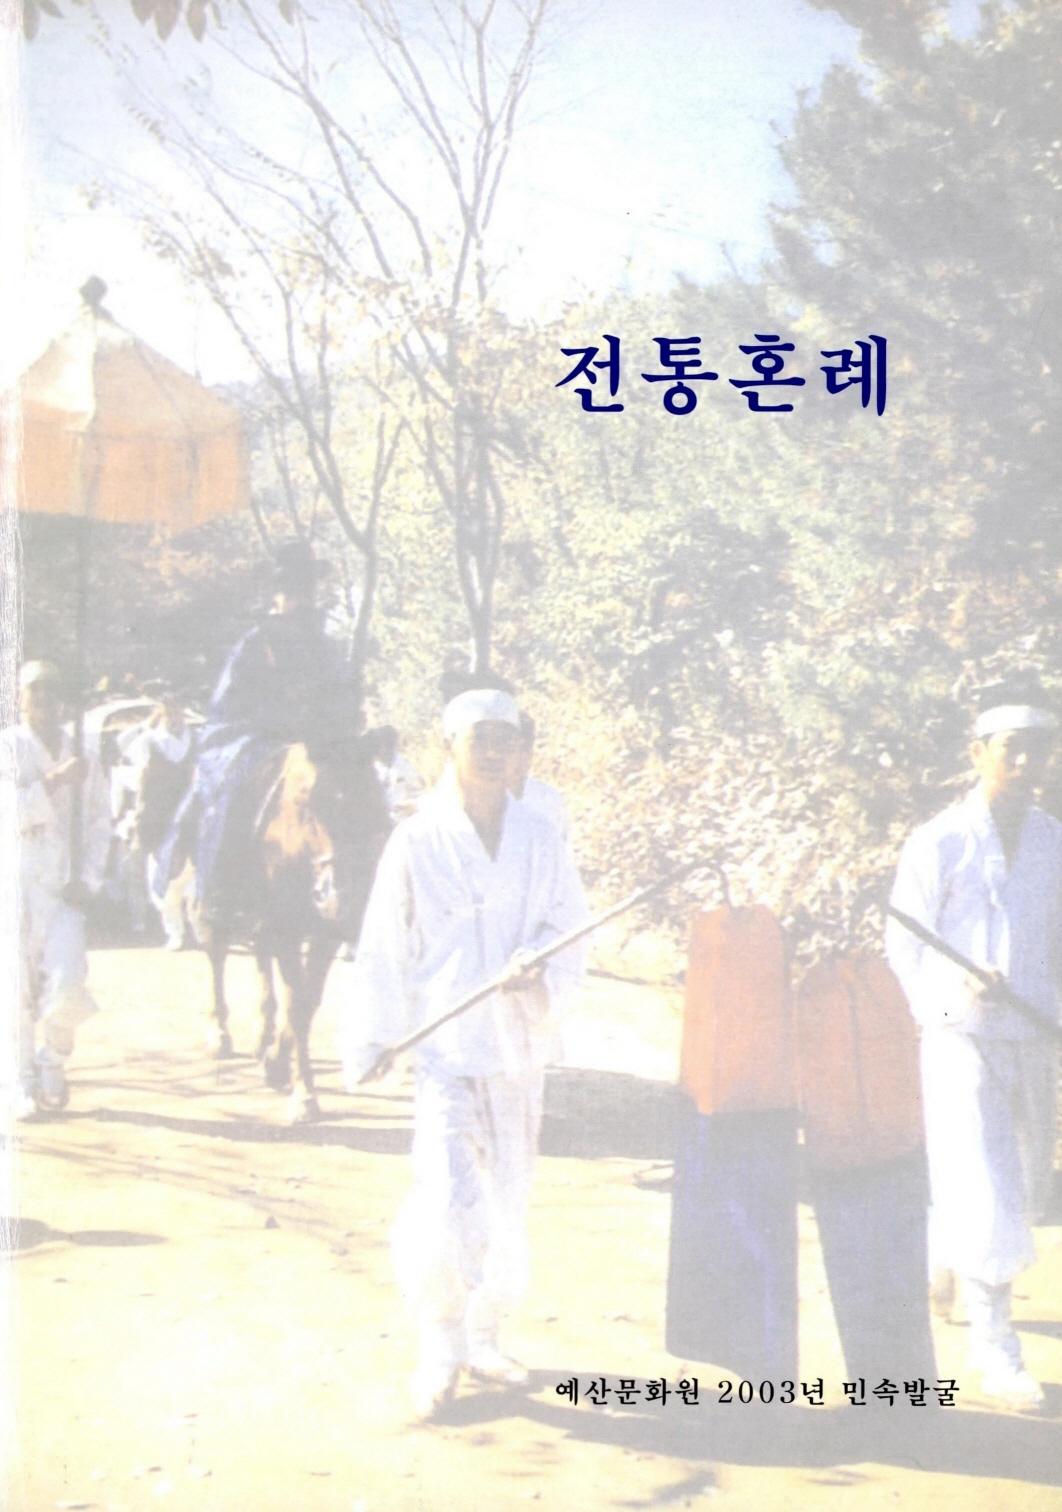 예산문화원 2003년 민속발굴 전통혼례